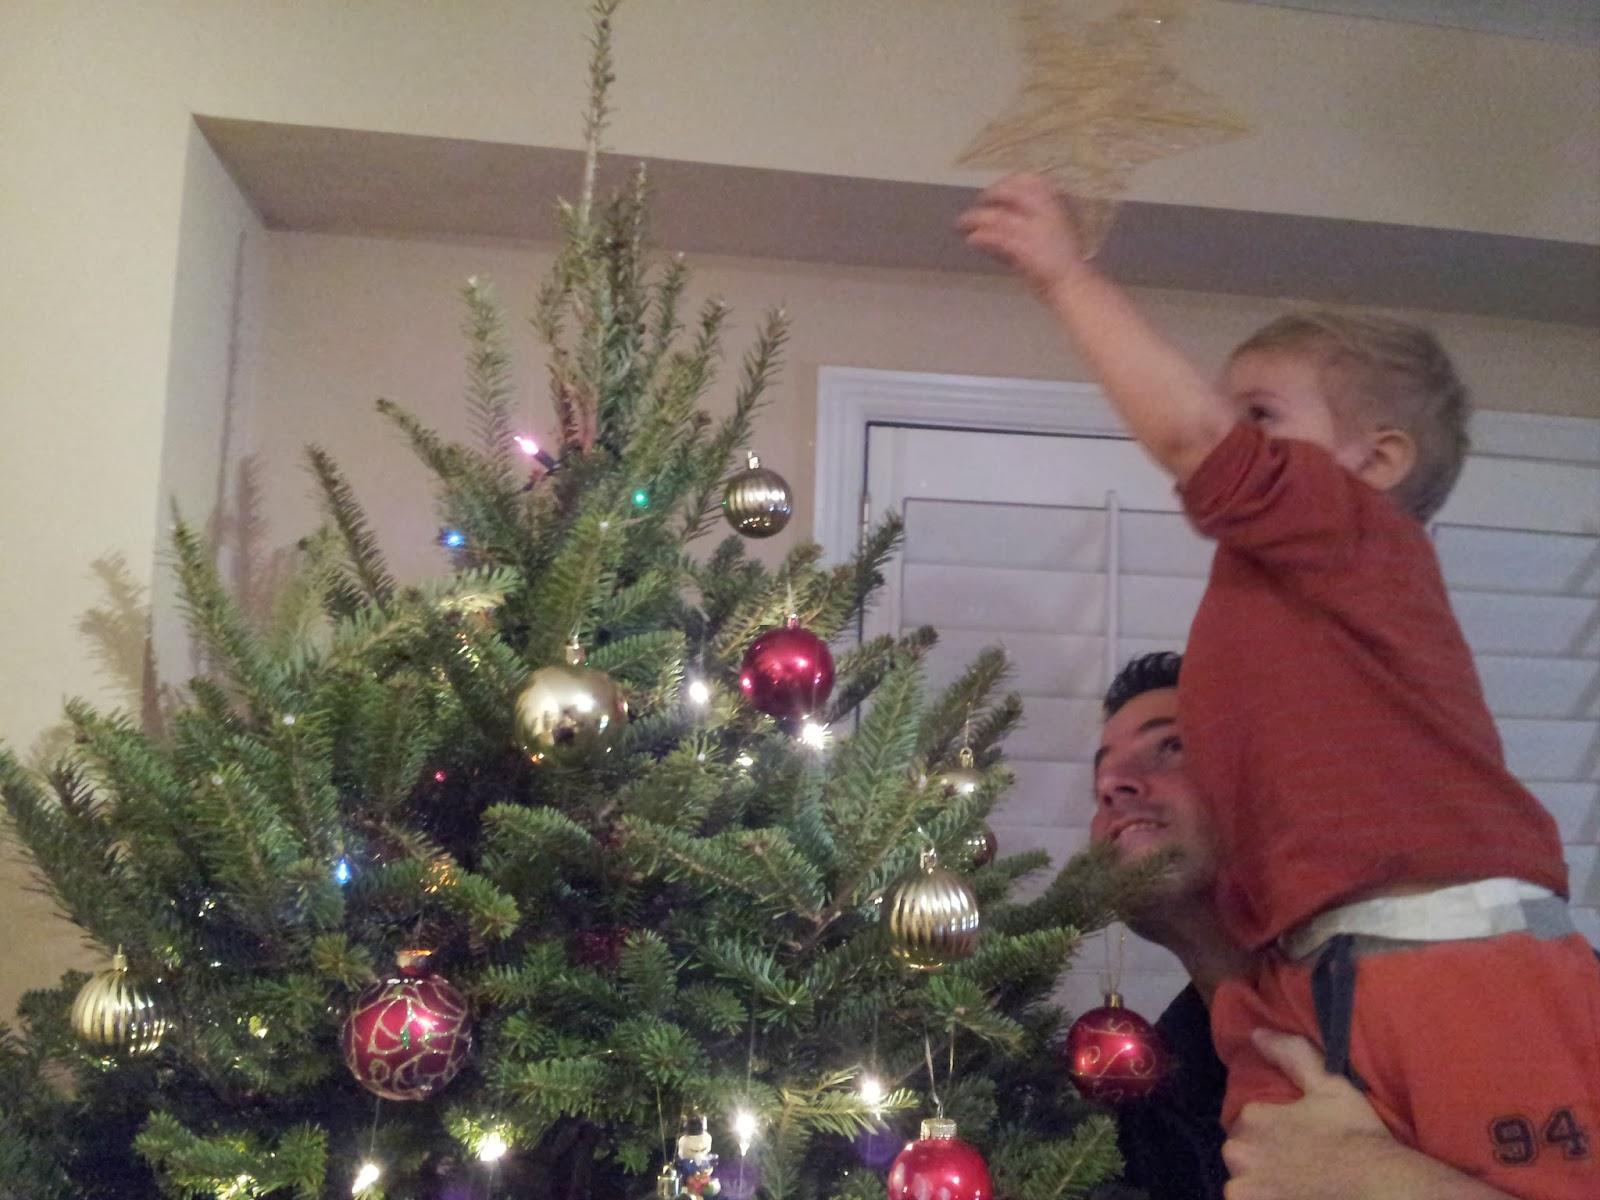 star, kids, Christmas, Christmas tree, family, traditions